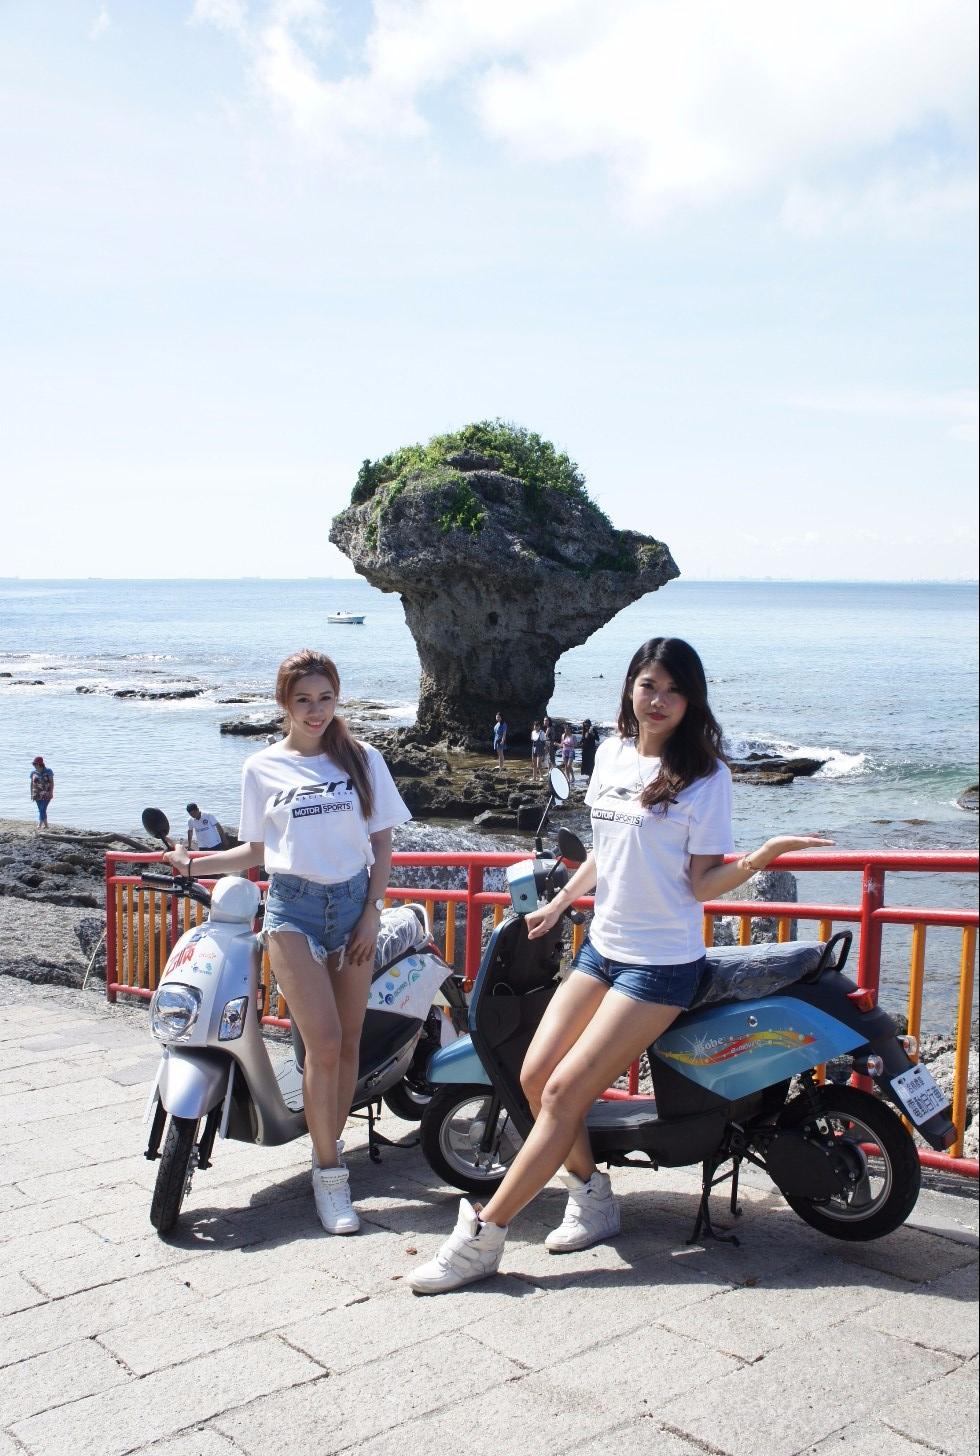 【旅遊】小琉球低碳旅行,騎e-moving守護海龜